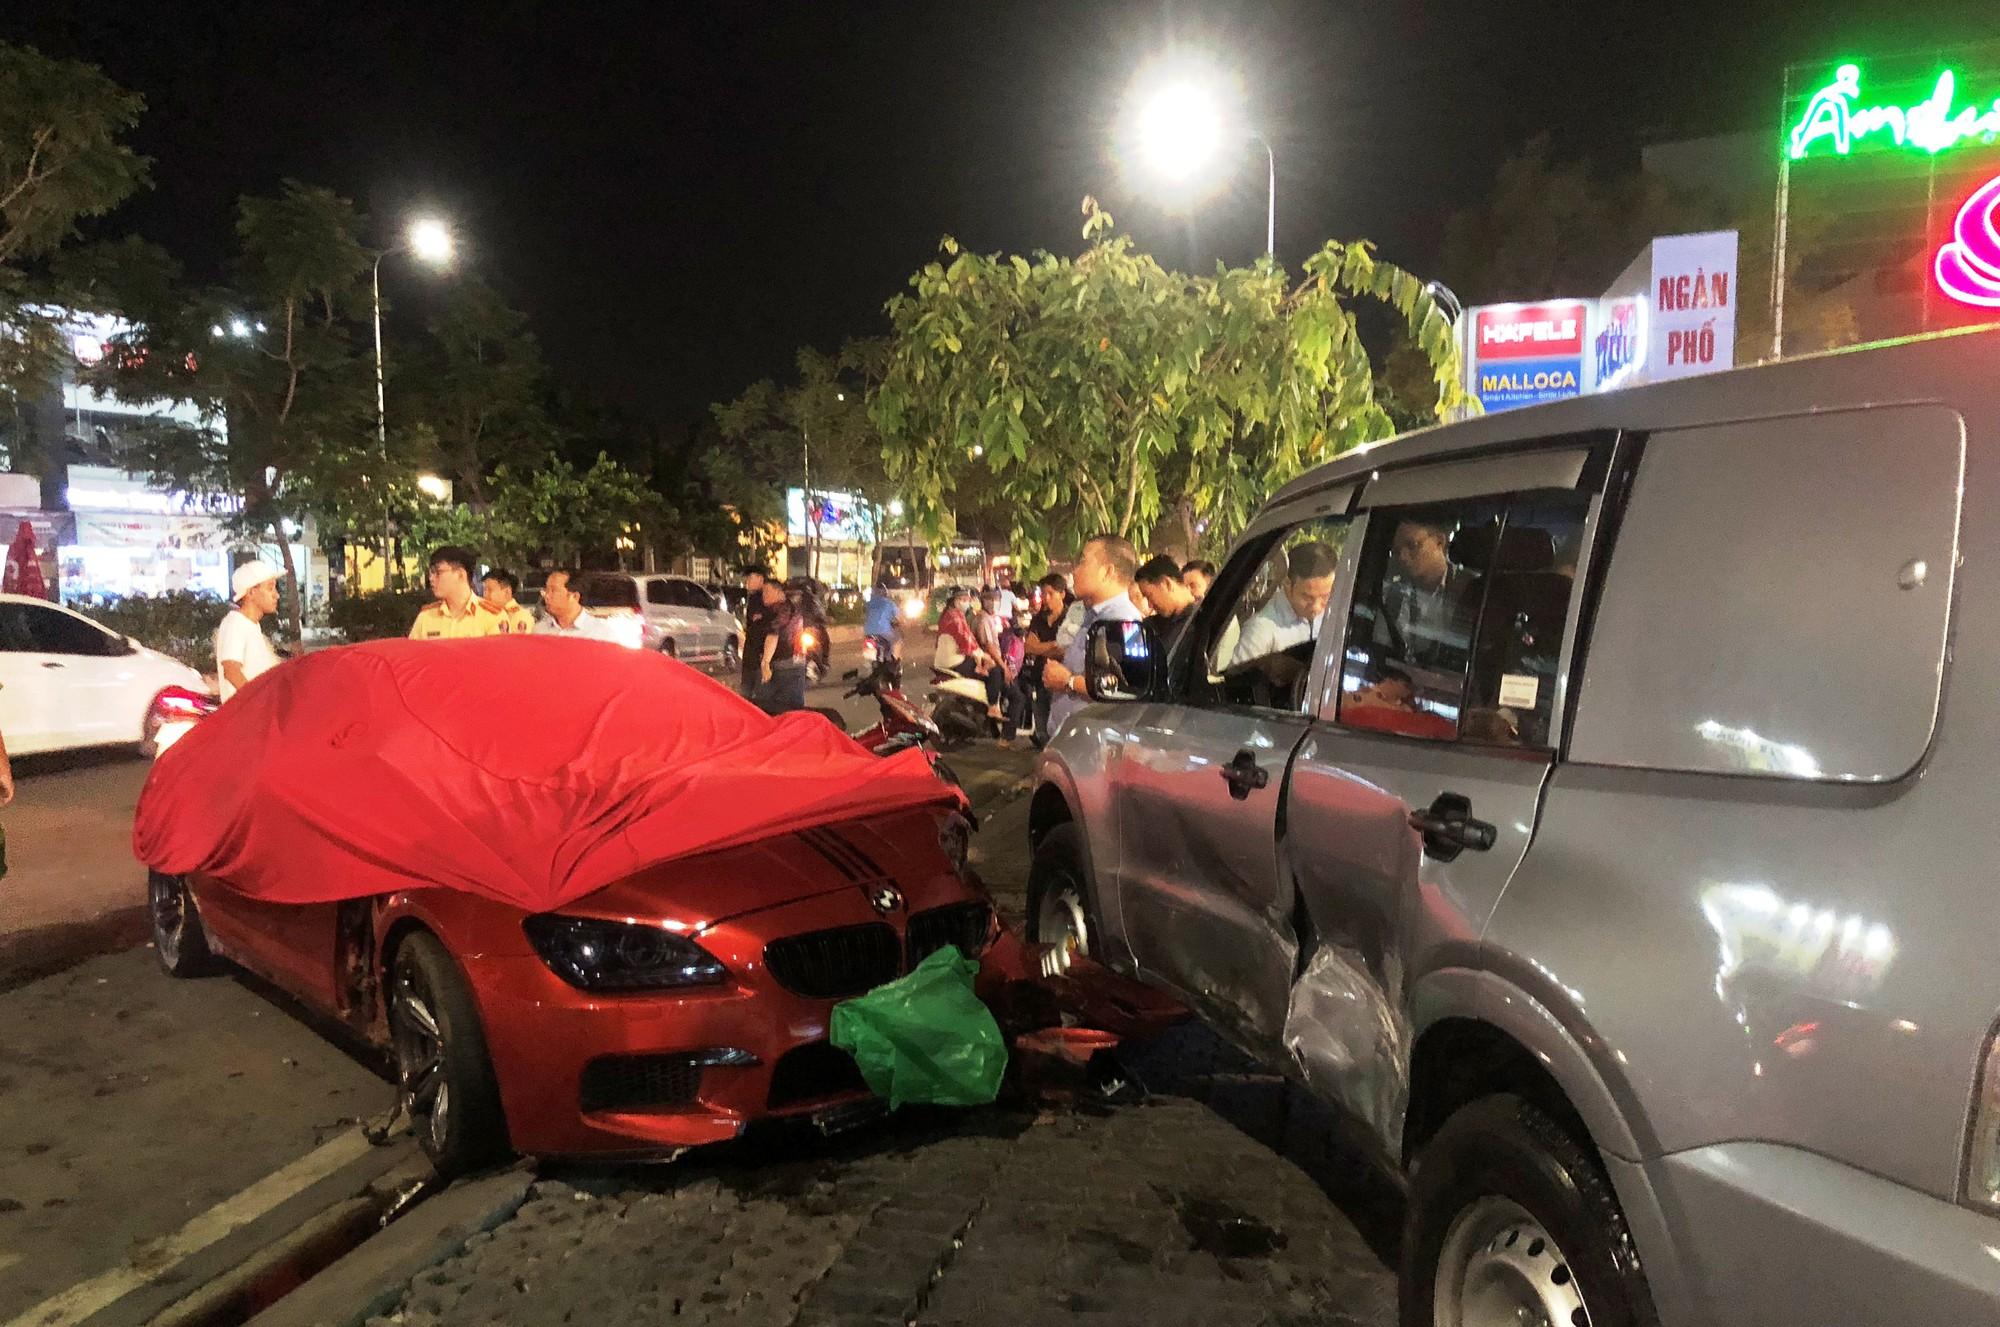 Vụ xe BMW 7 tỷ gây tai nạn liên hoàn: Bất ngờ lời khai của tài xế 9X - Ảnh 1